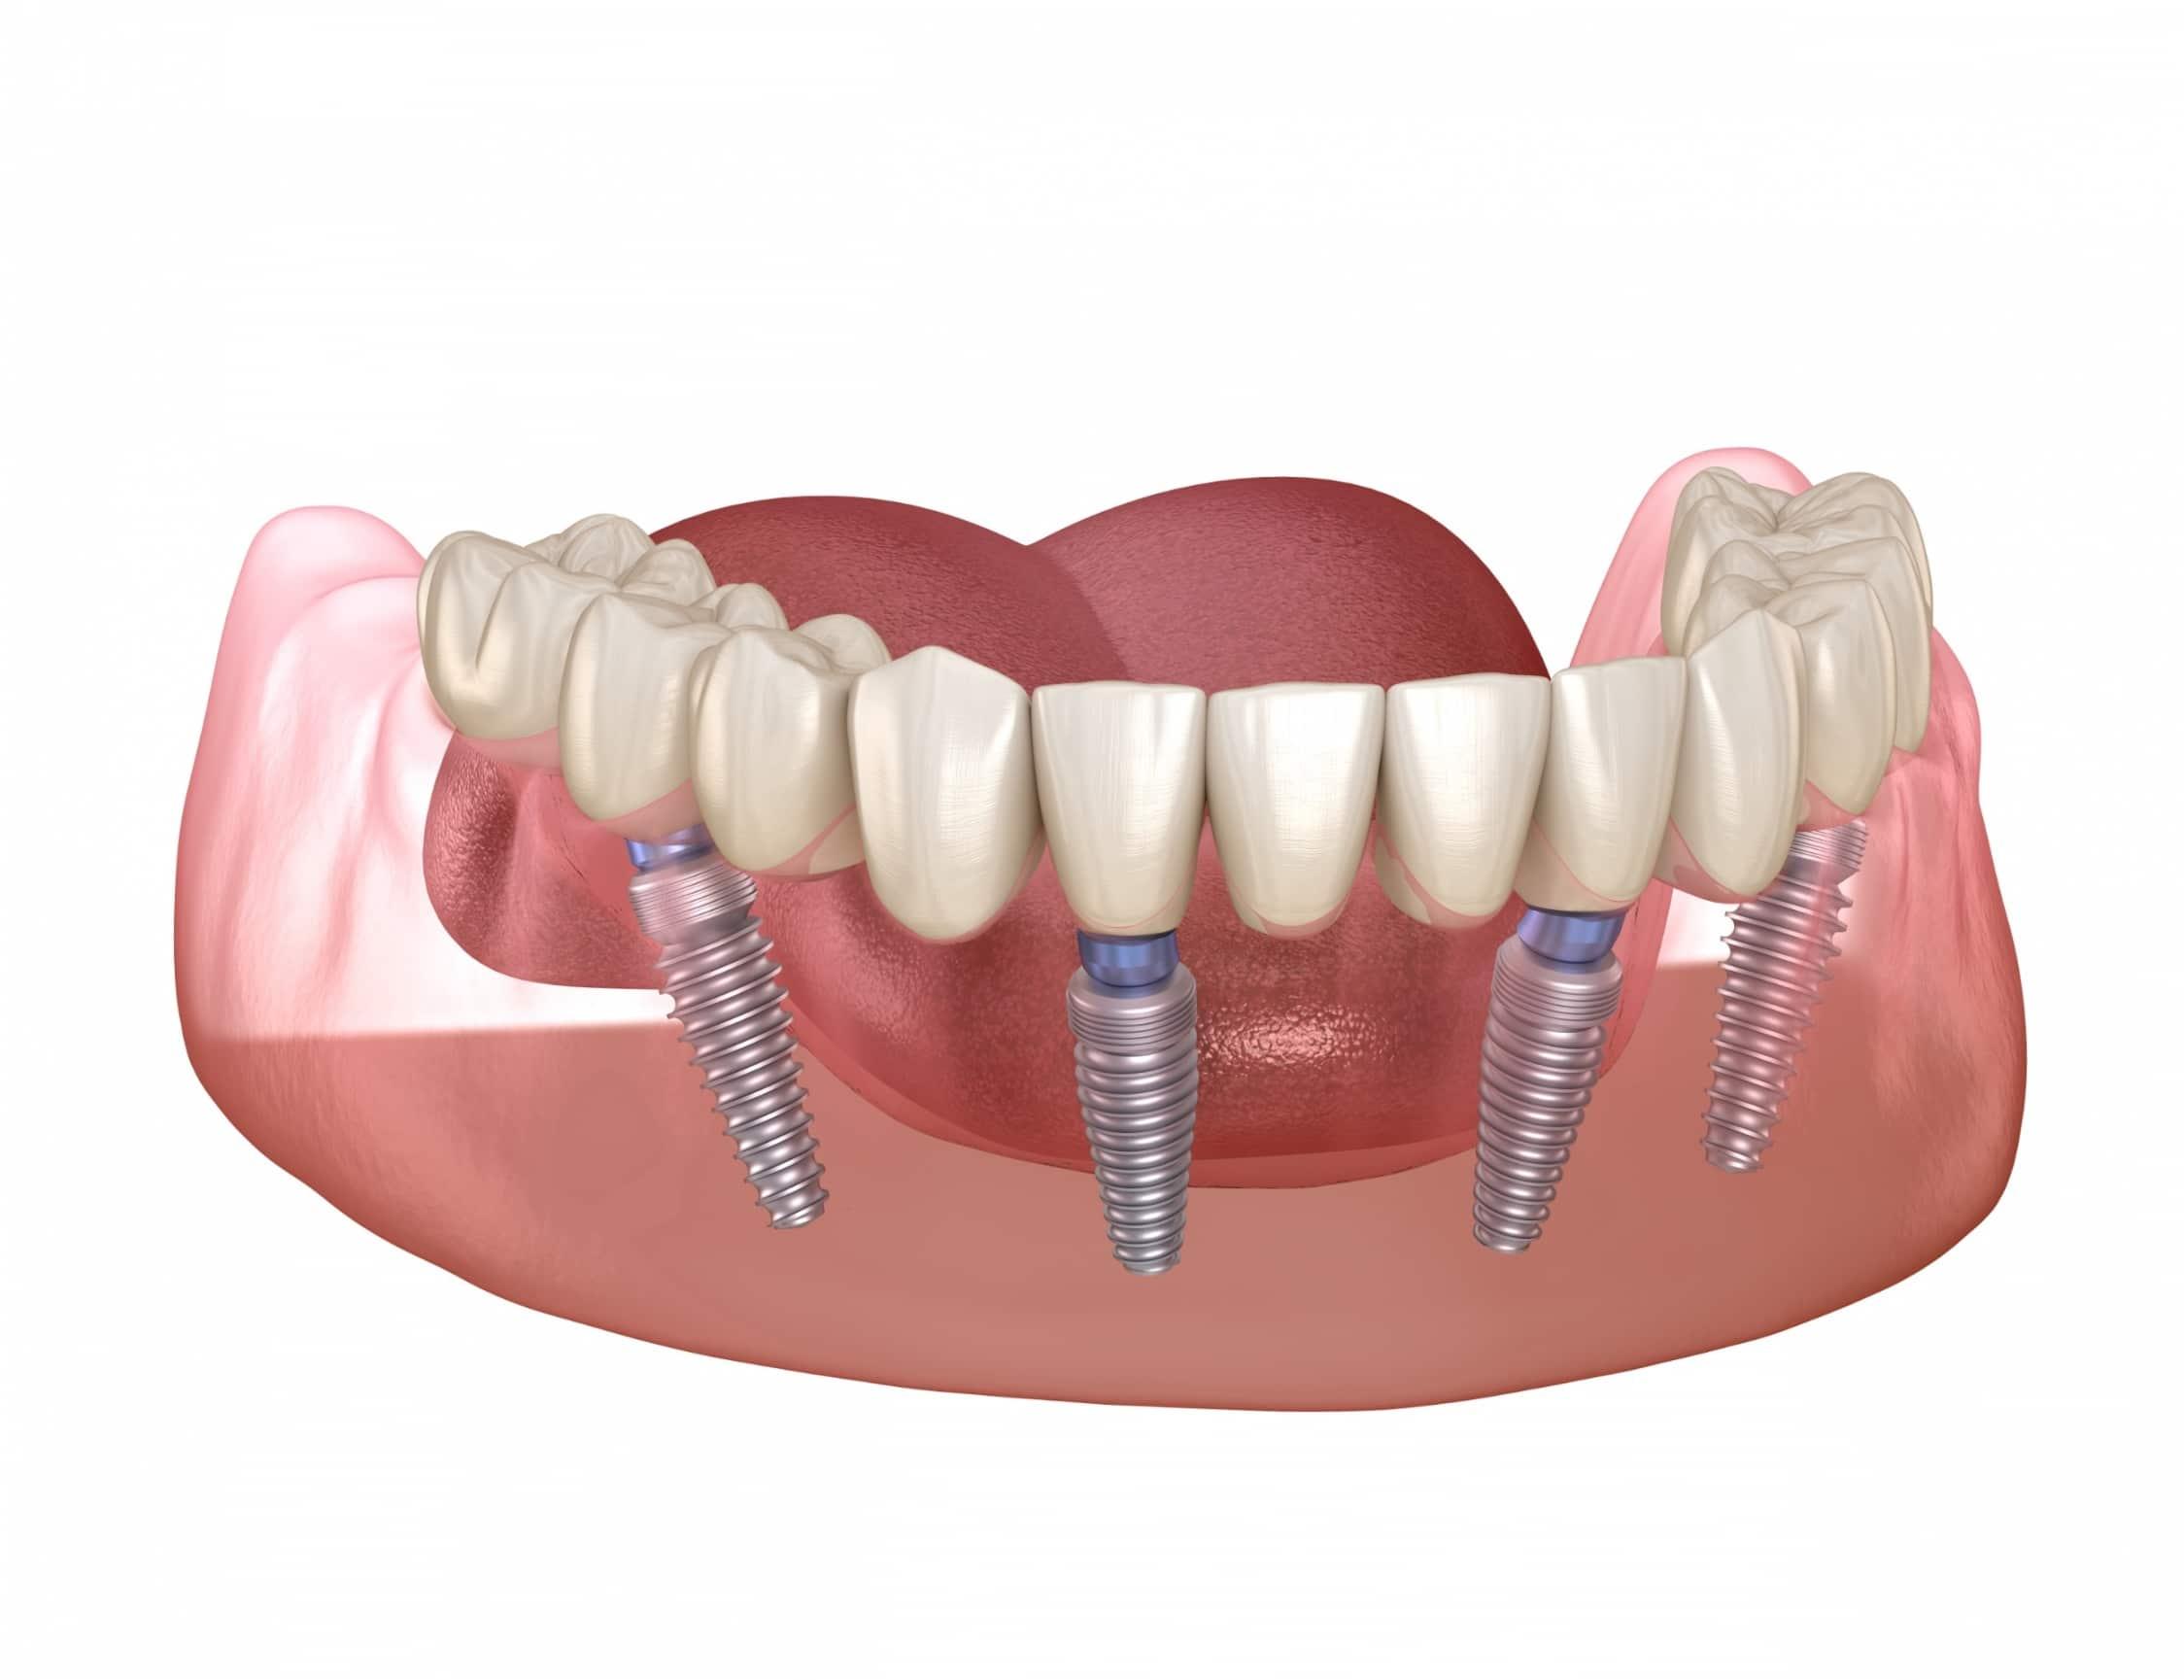 Feste Dritte Zähne an einem Tag. Die Implantate werden in einer speziellen Anordnung und in einem bestimmten Winkel eingesetzt. 2 im hinteren Zahnbereich 2 im vorderen Zahnbereich